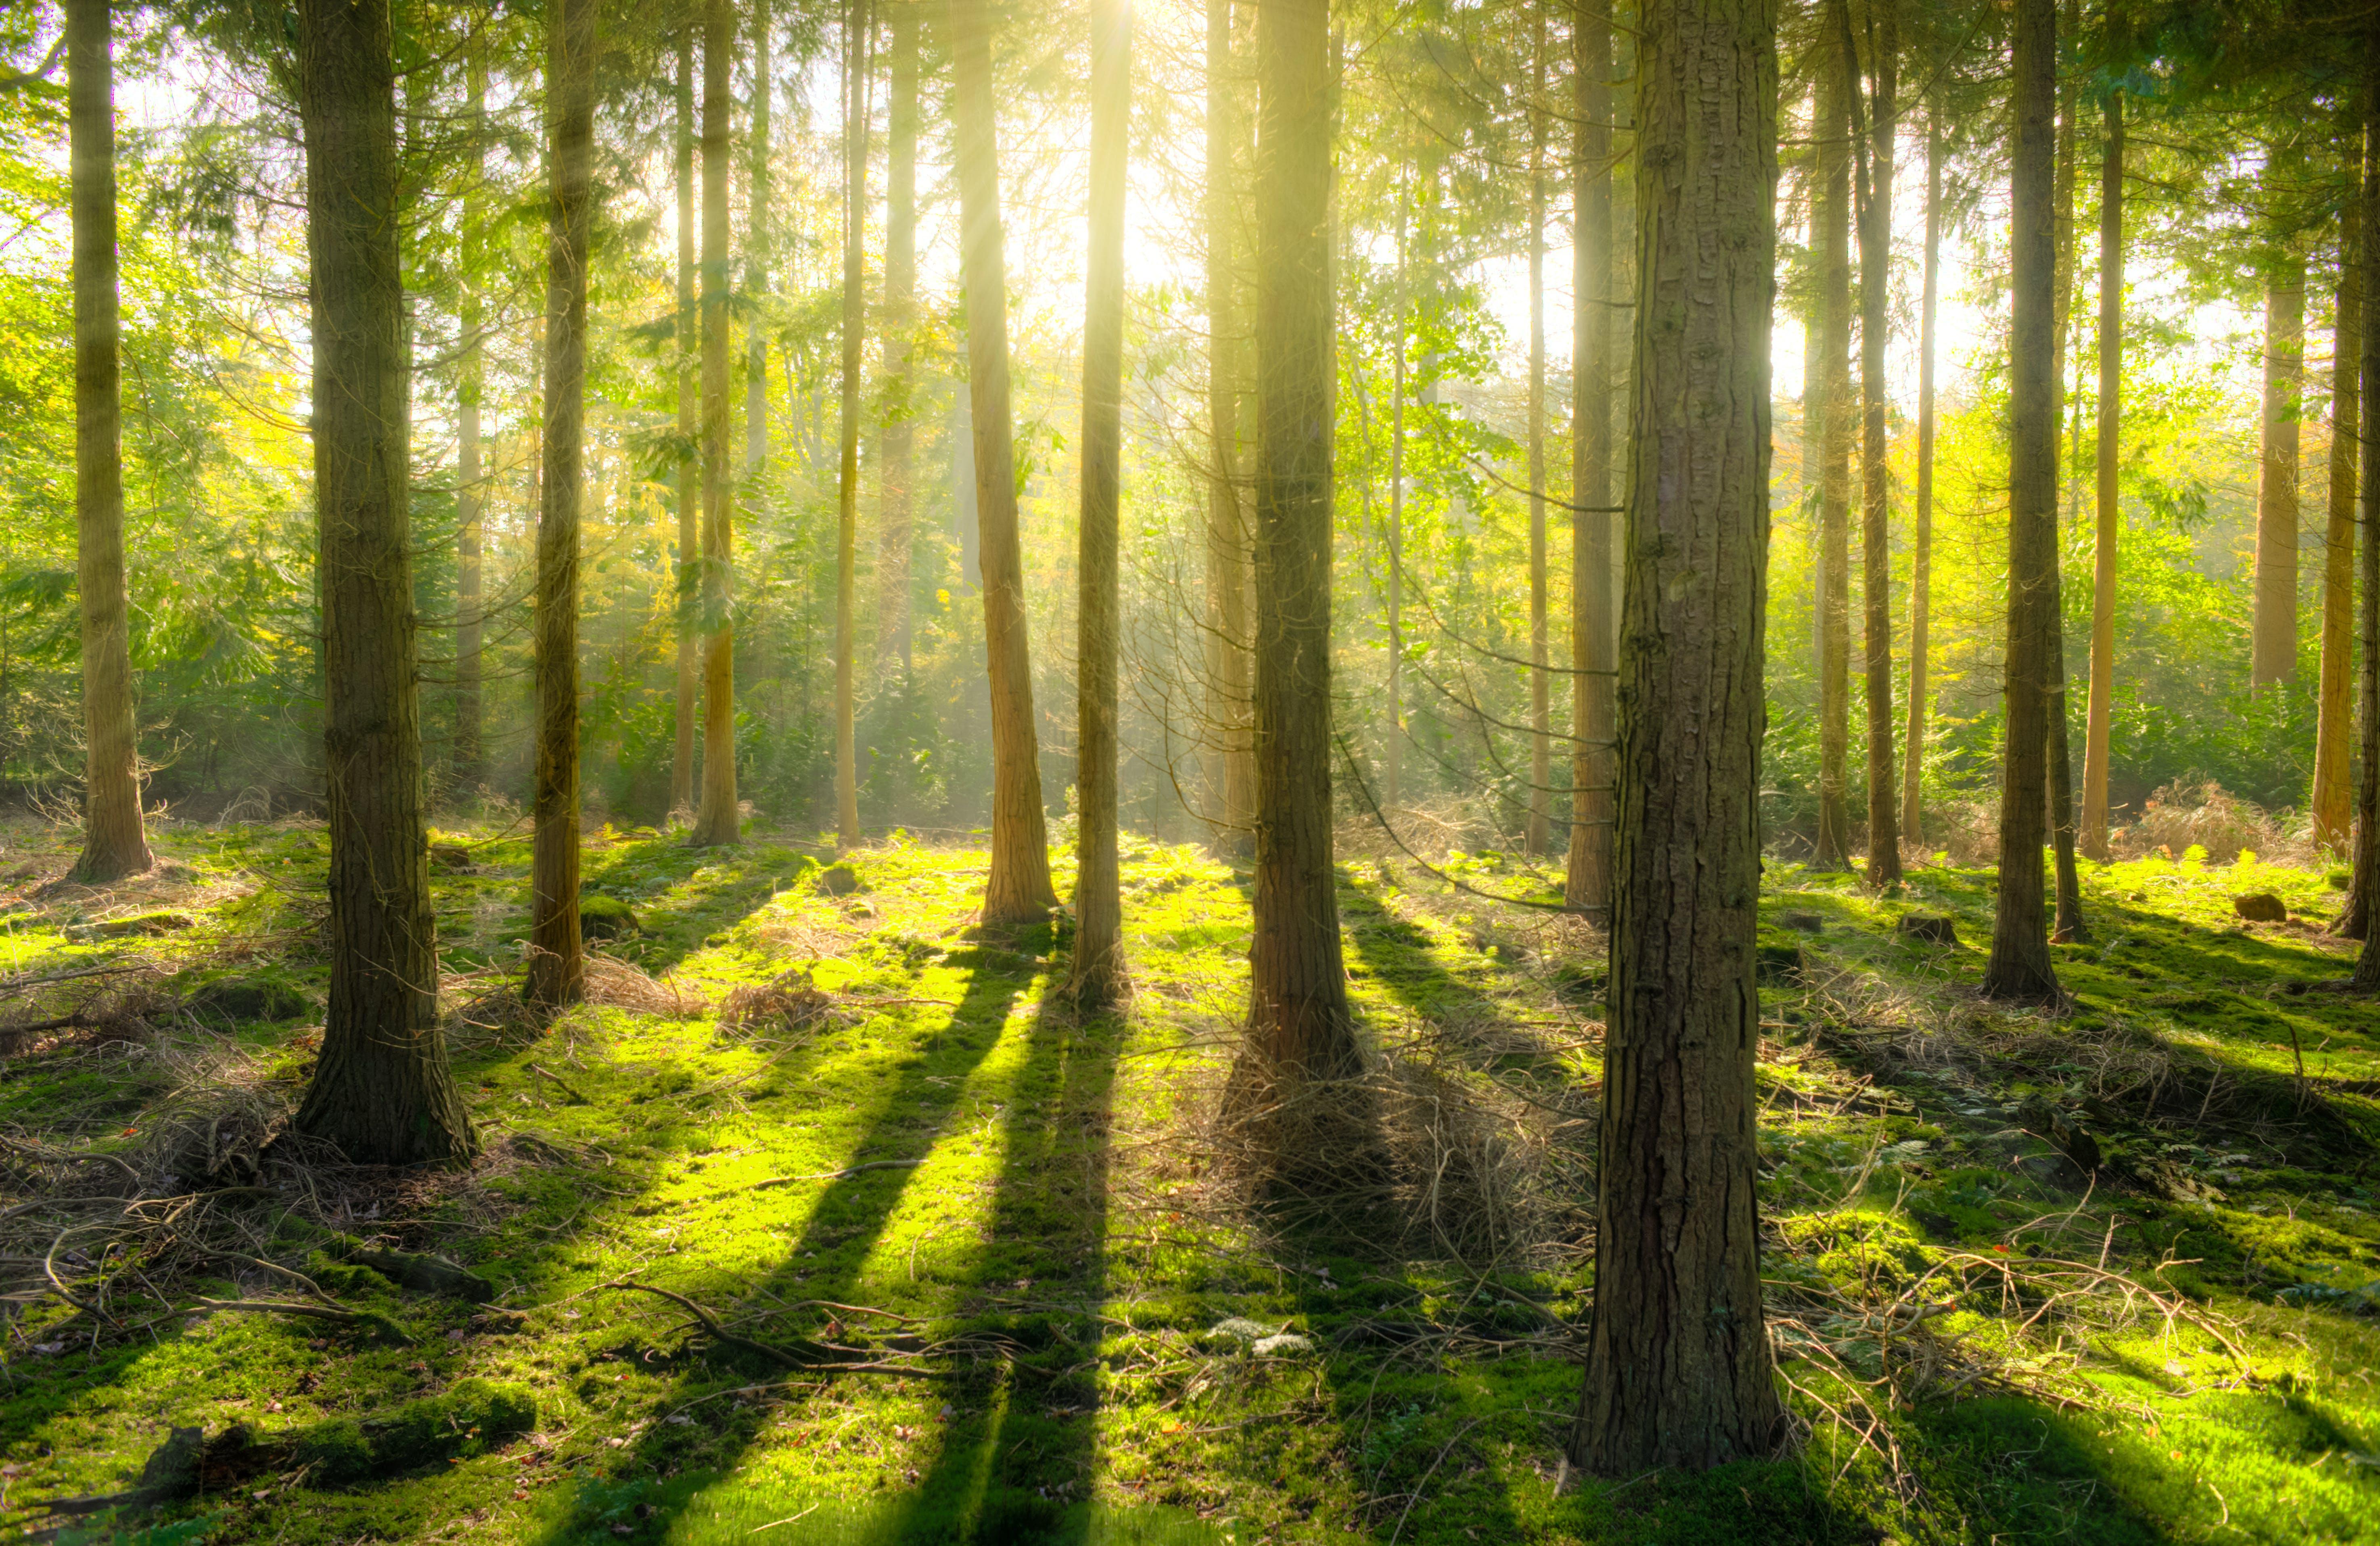 Kostenloses Stock Foto zu bäume, baumstamm, beratung, gras